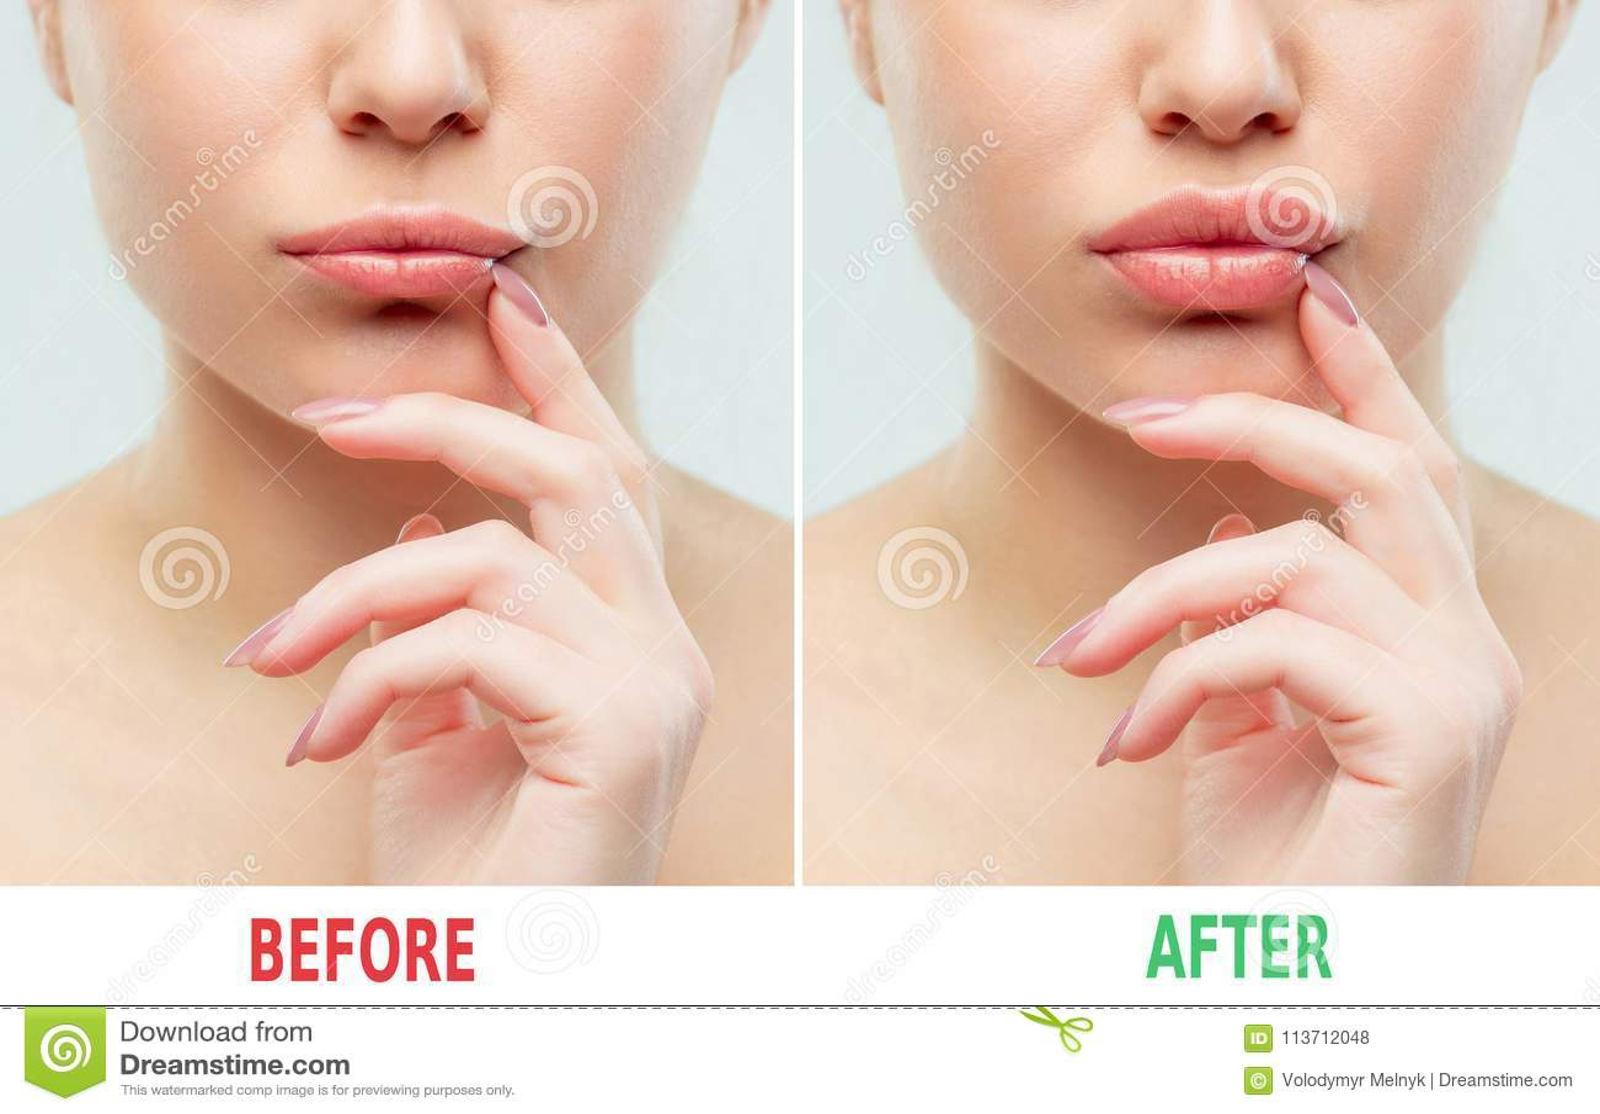 Before and after de injecties van de lippenvuller Schoonheidsplastiek Mooie perfecte lippen met natuurlijke make-up